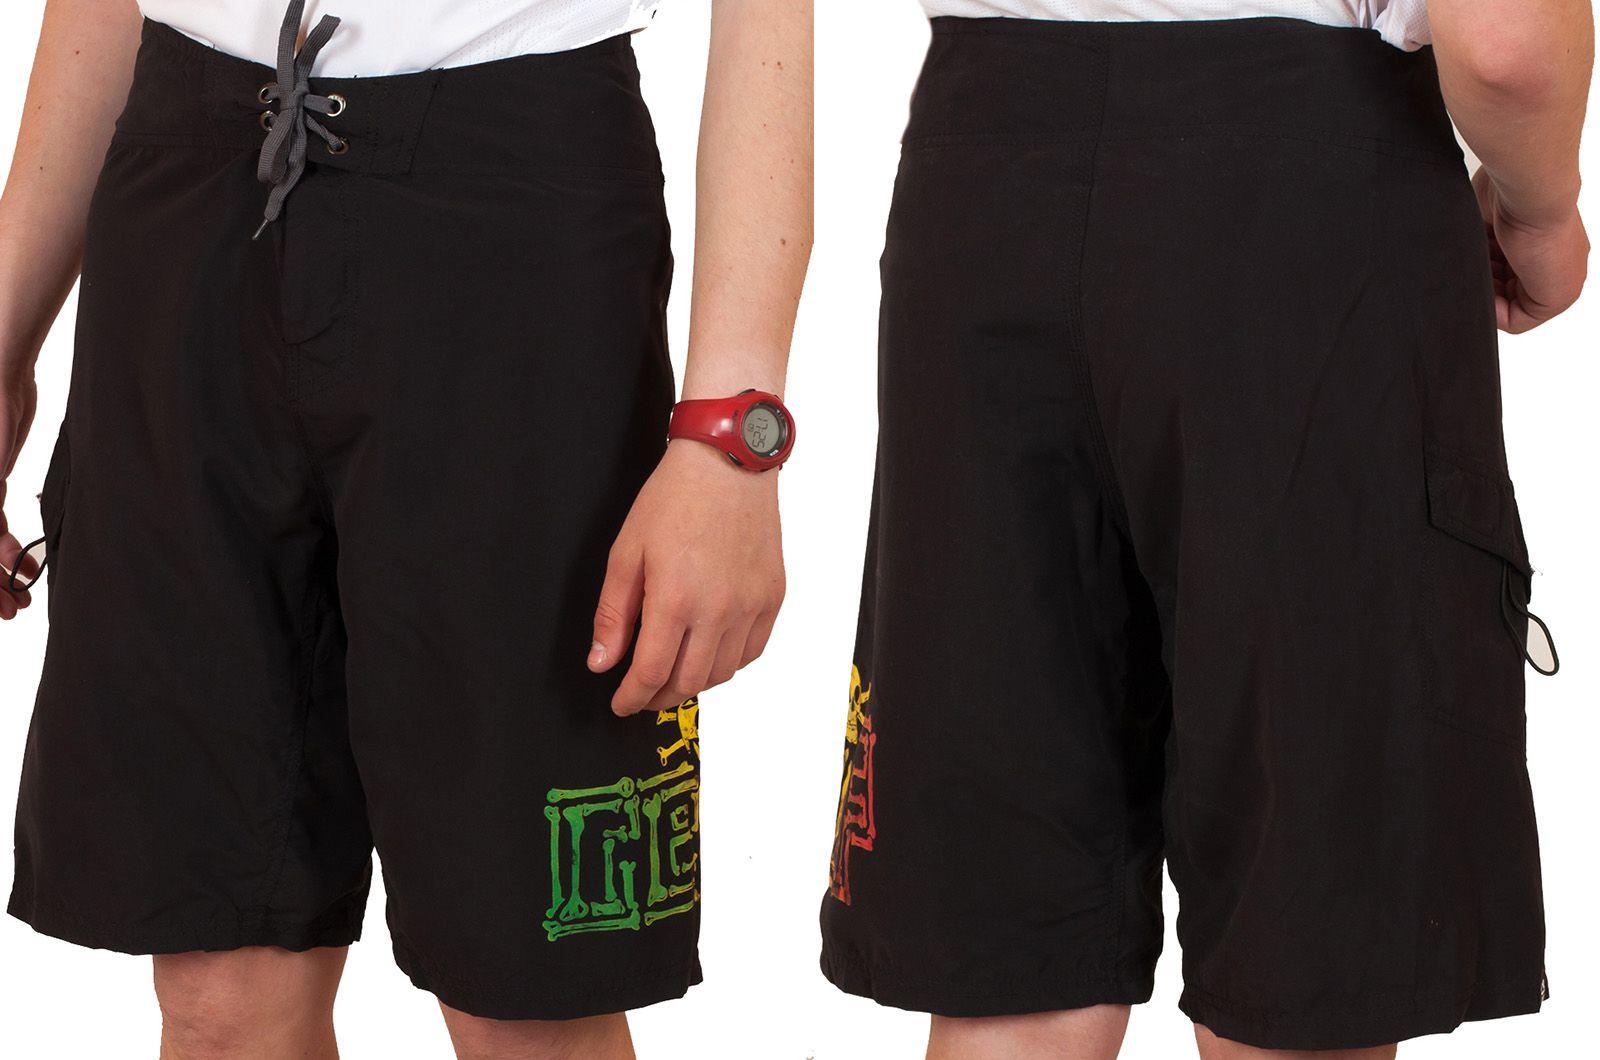 Летние подростковые шорты Reef - общий вид